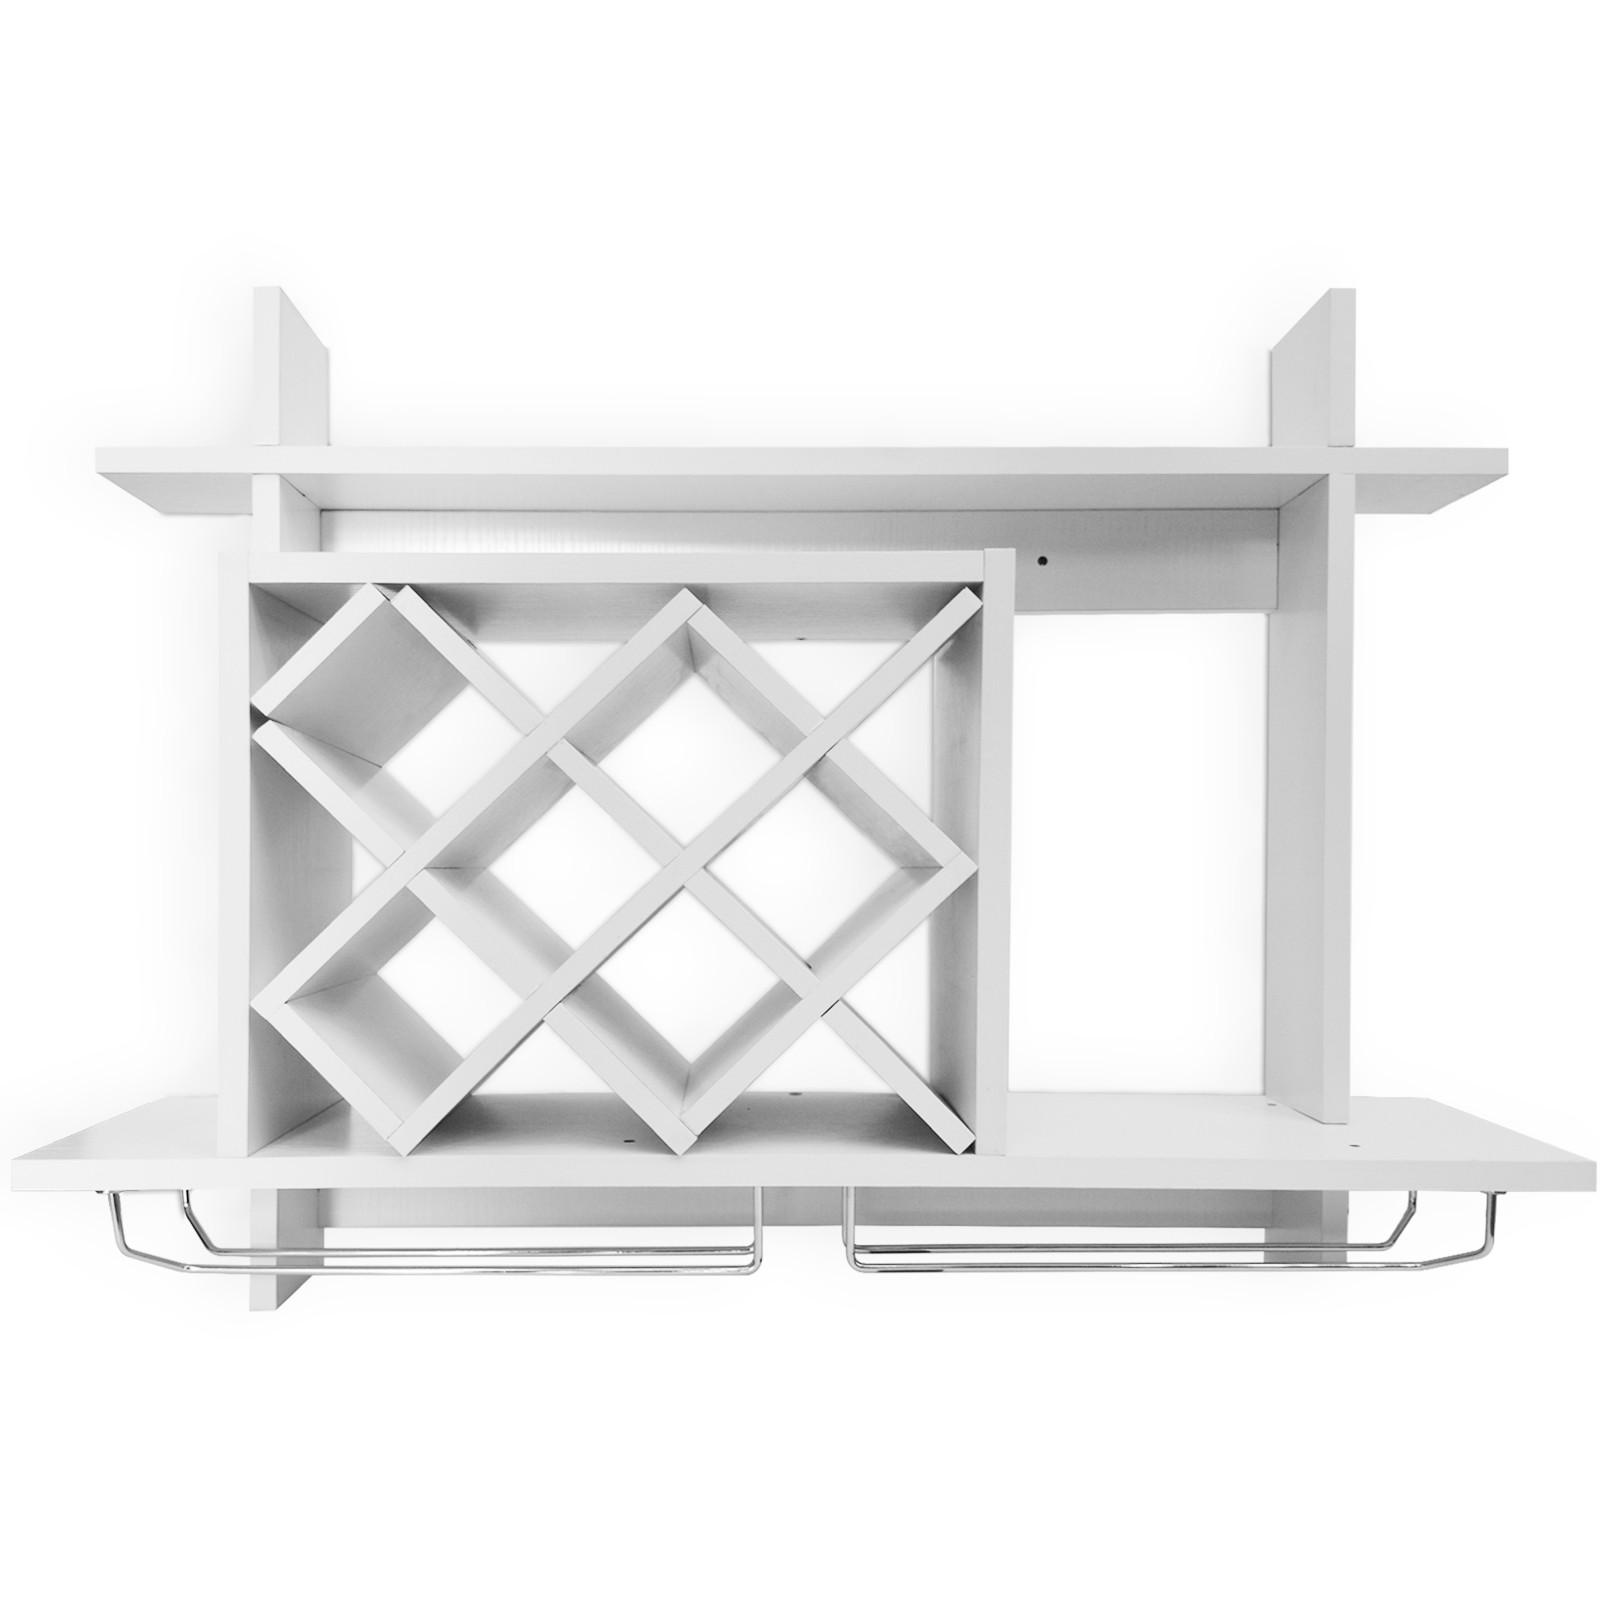 Taille au Choix Jago Support Mural Barre de Cr/édence 117 cm Rangement Accessoires de Cuisine